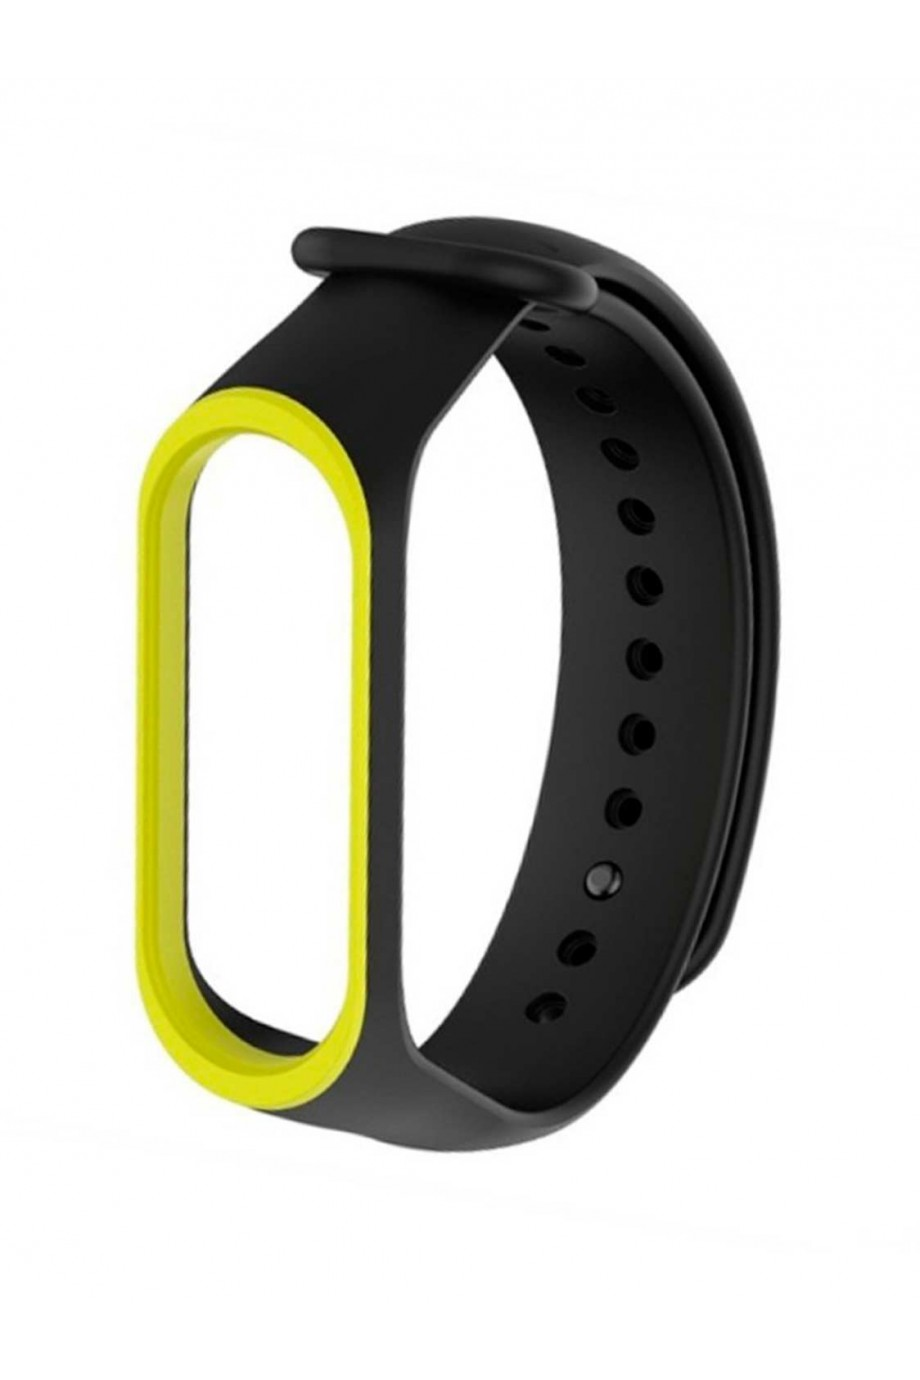 Силиконовый ремешок для Xiaomi Mi Band 4, черный с желтой окантовкой